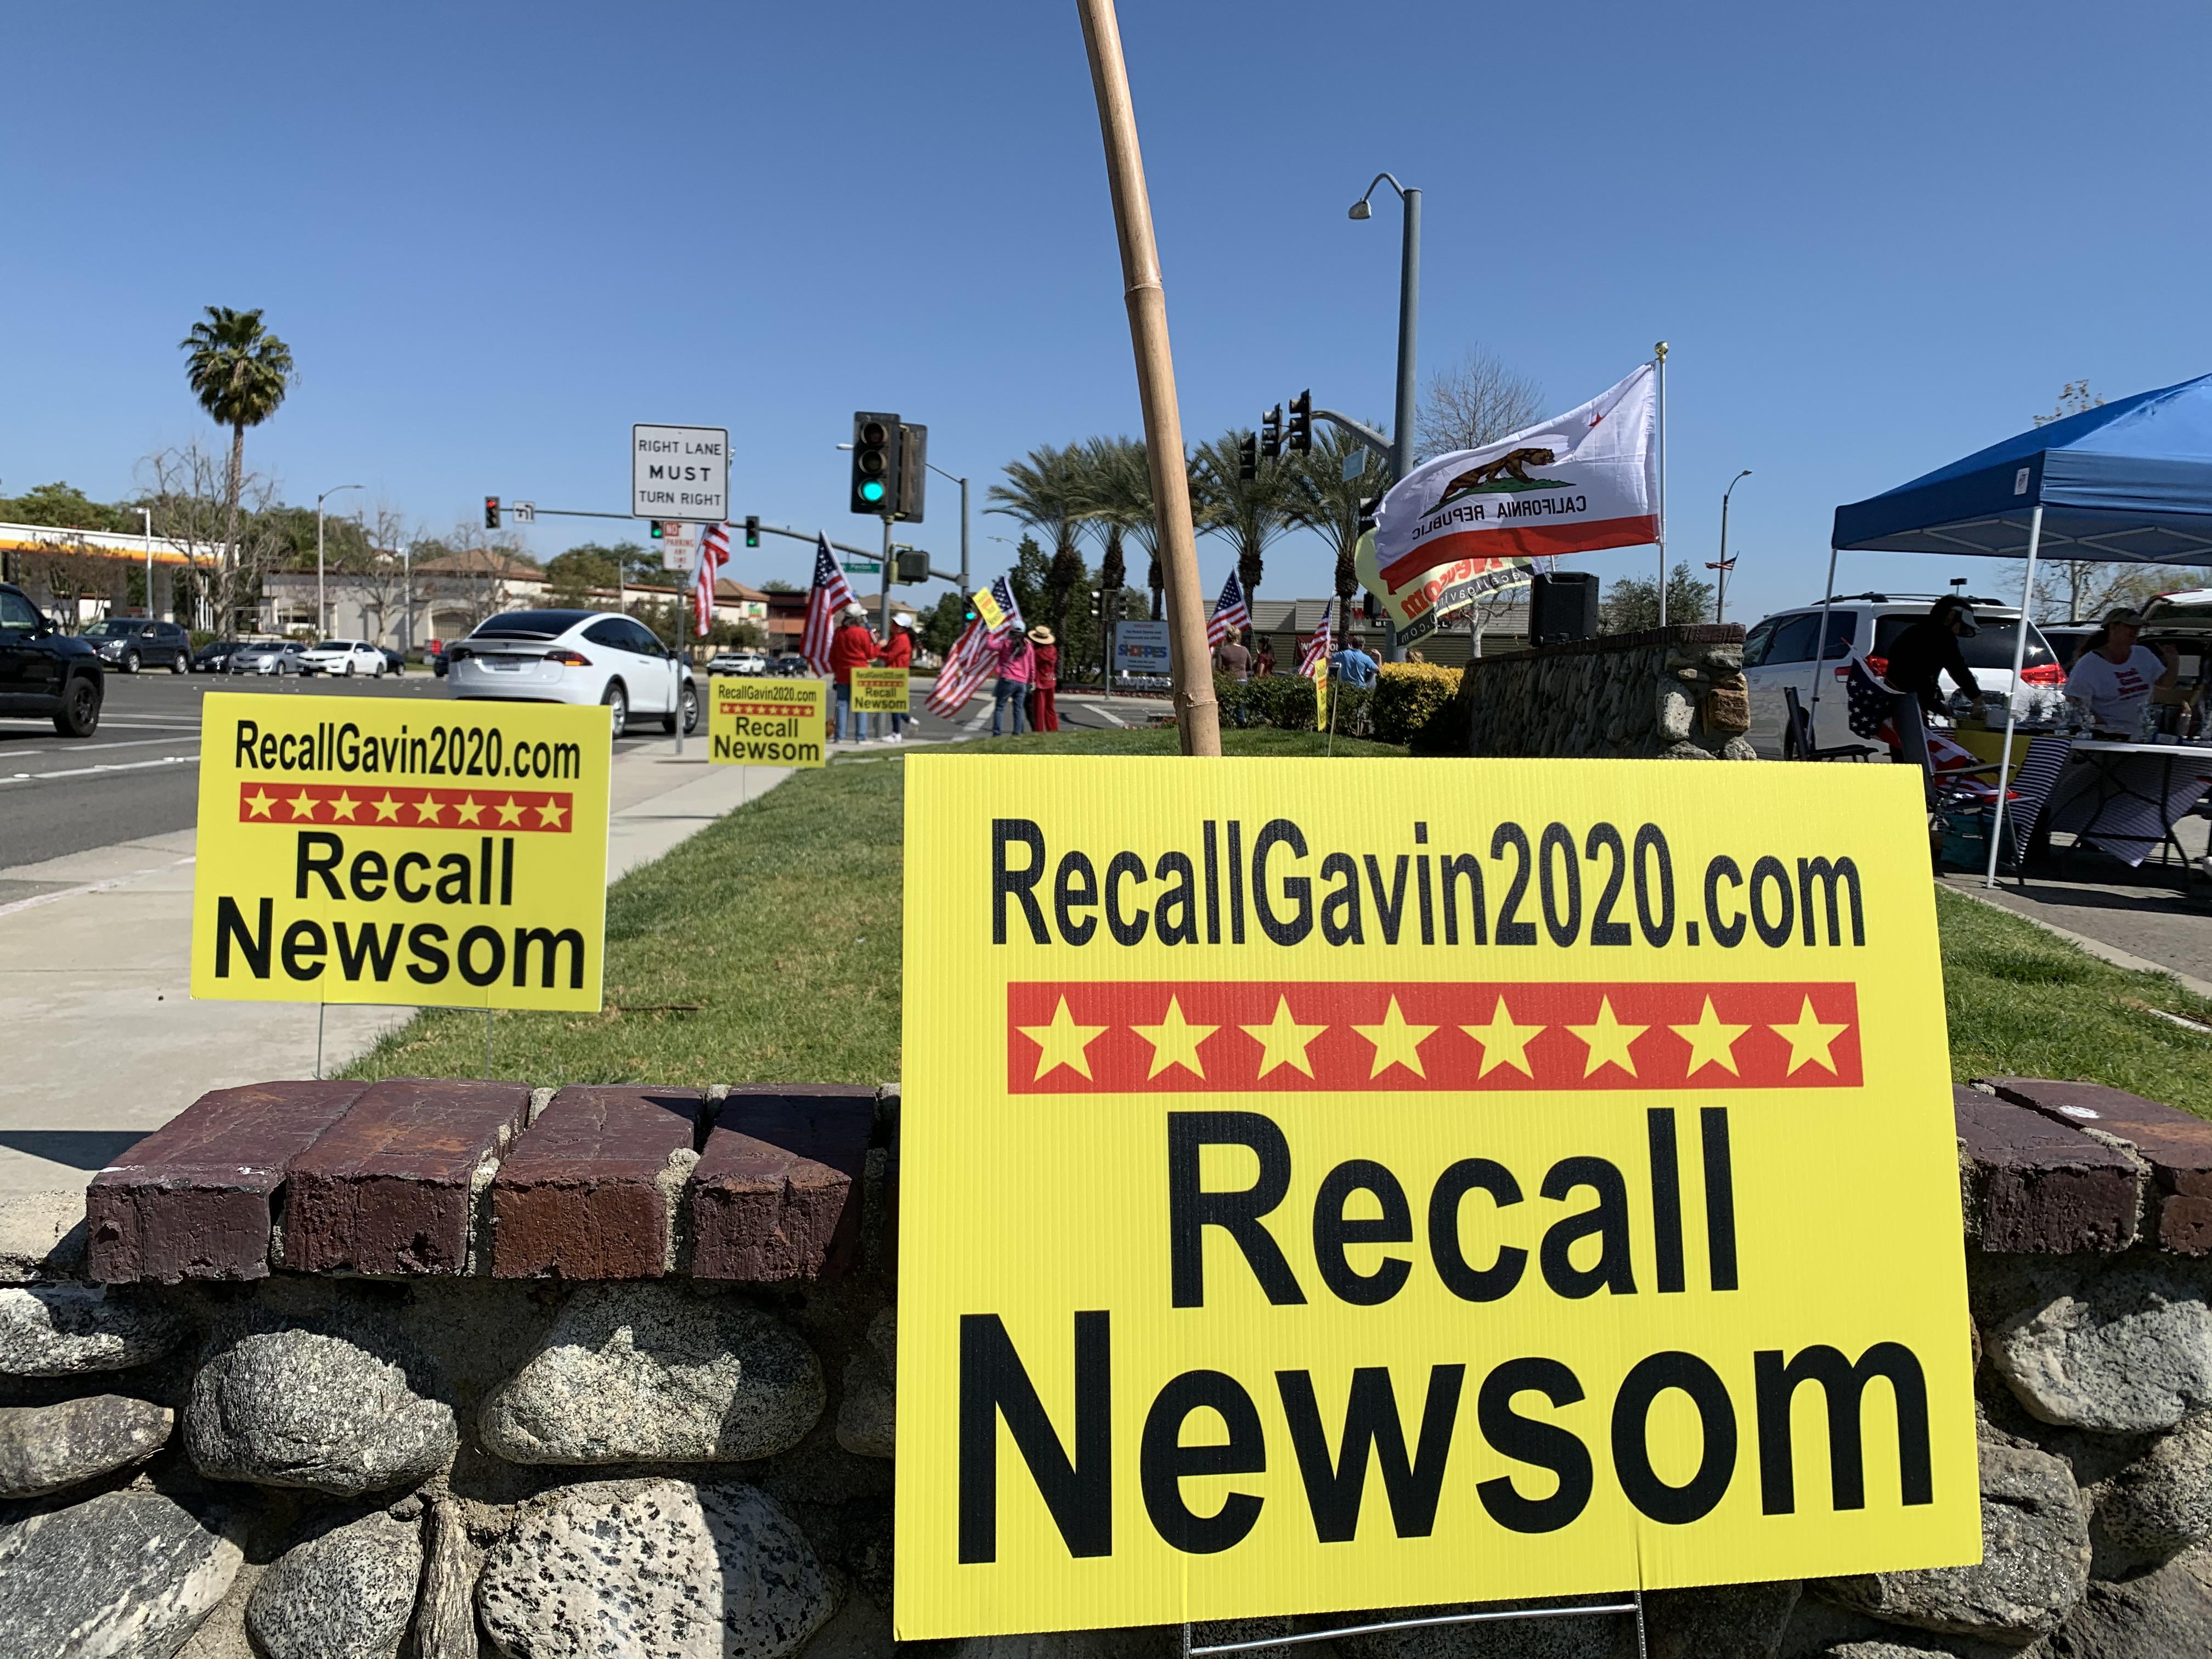 批极左派政策 加州近200万人签名罢免州长